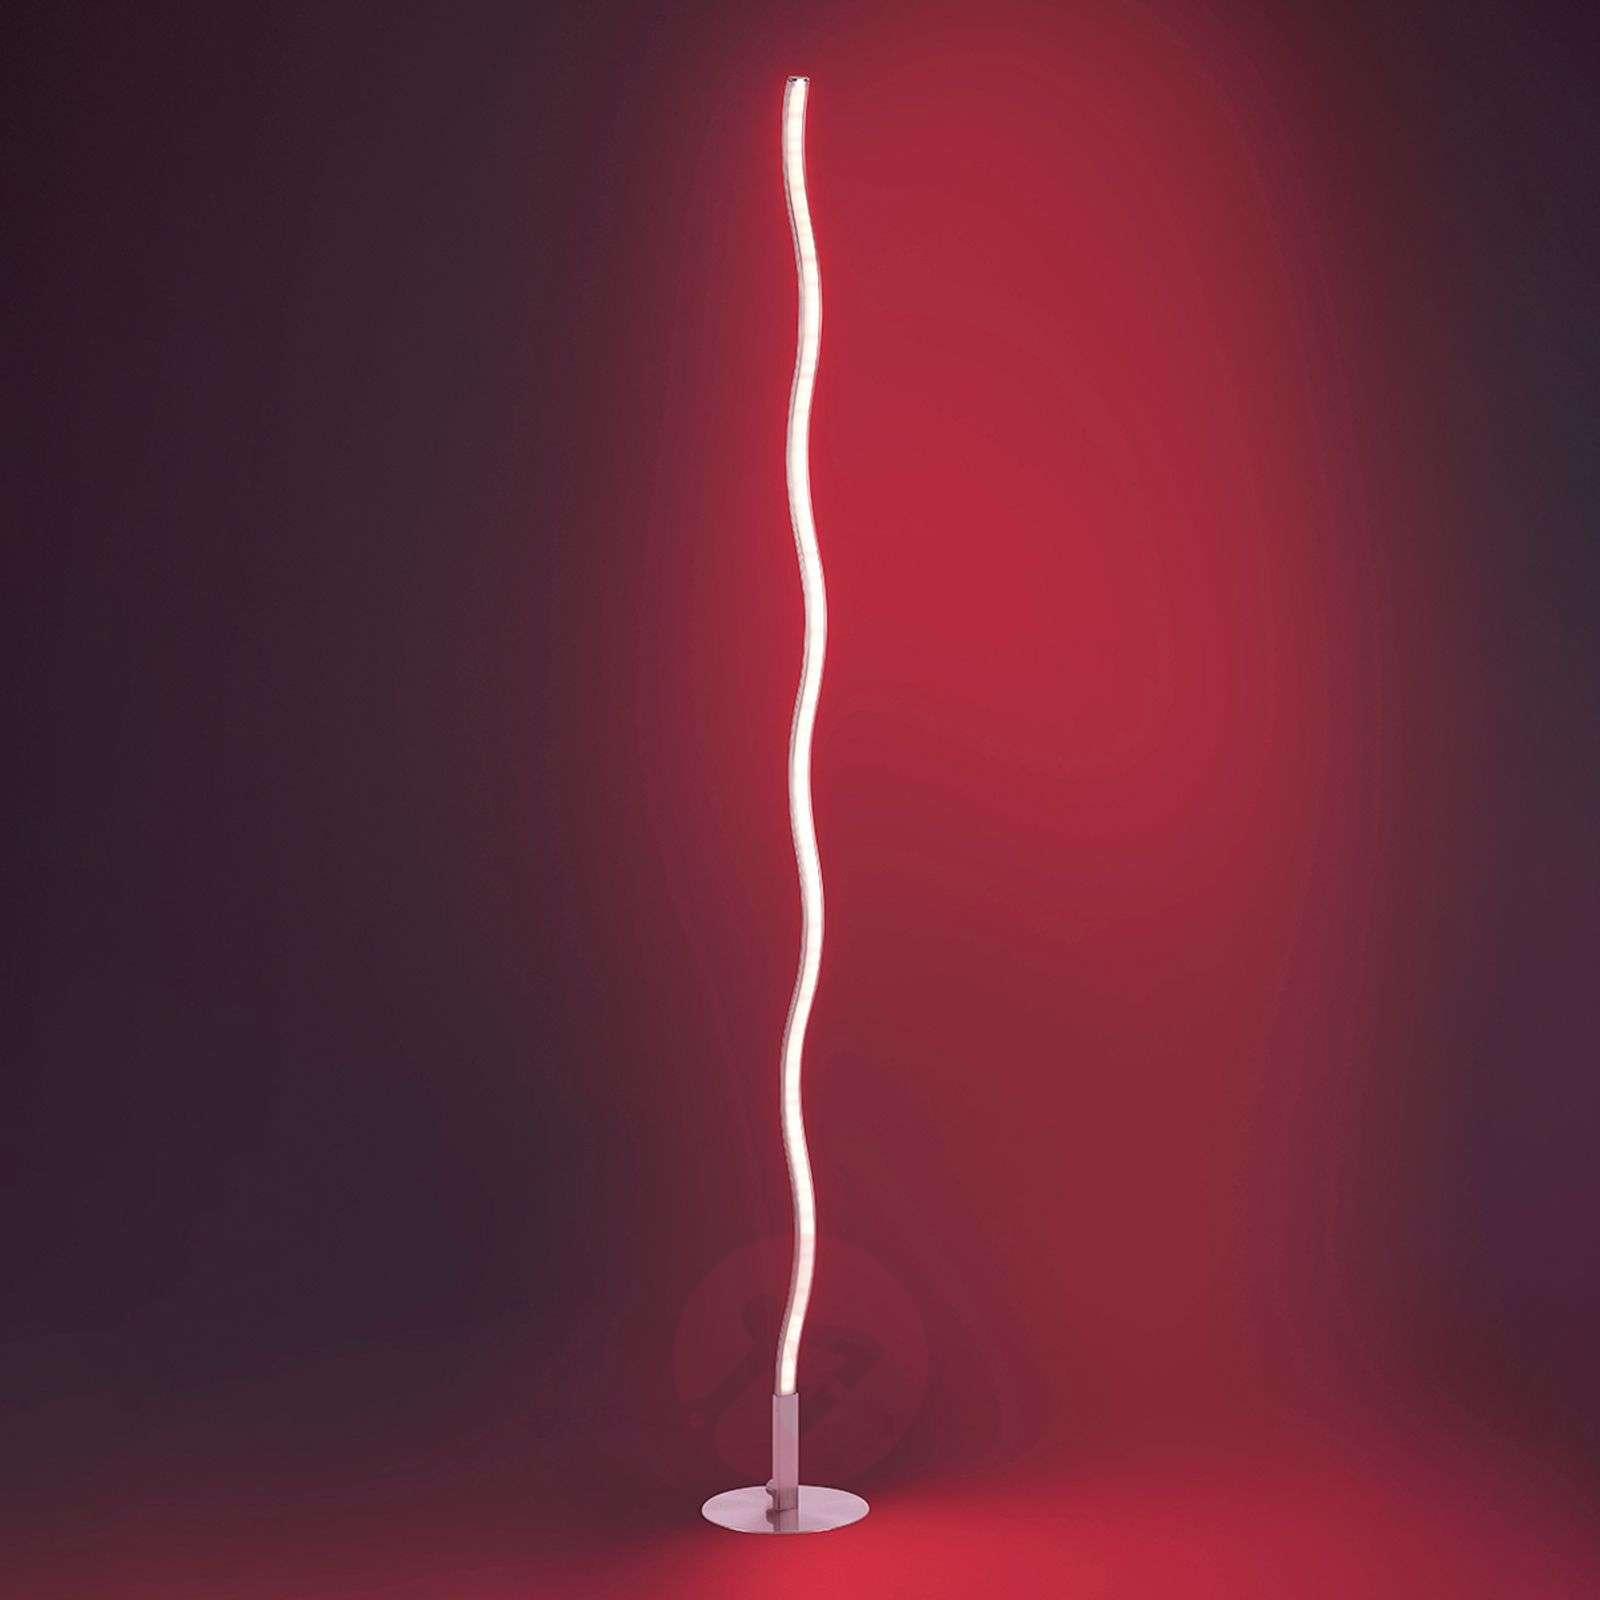 LED-lattiavalaisin Lucian kaukosäätimellä-7620067-02